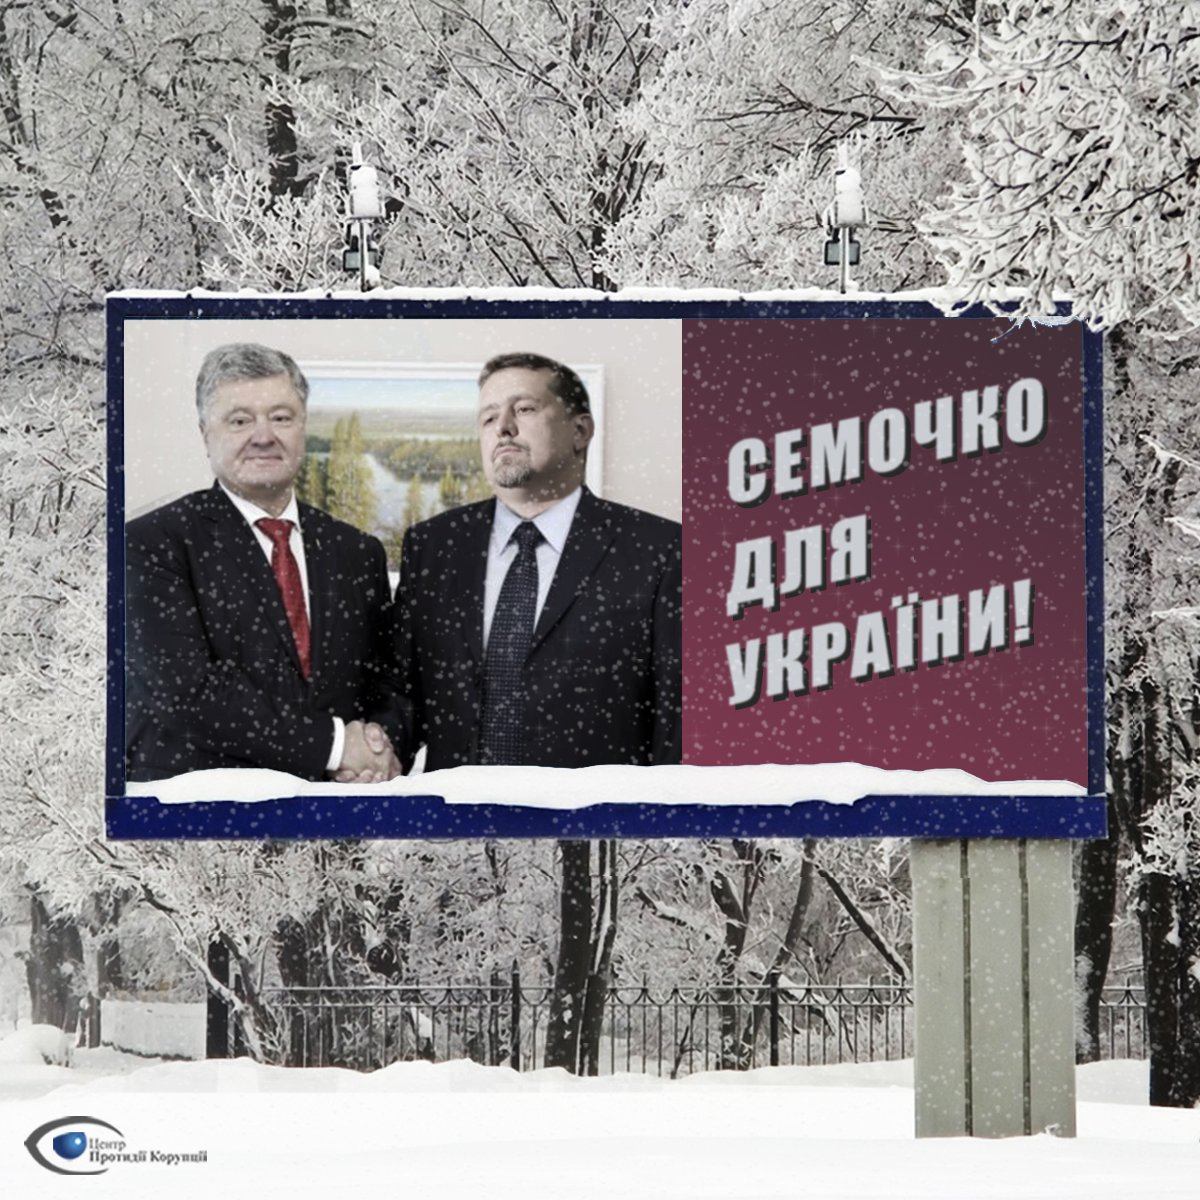 """Одесский горсовет не возвращает в бюджет 95 млн грн, переплаченные при покупке здания завода """"Краян"""", - САП - Цензор.НЕТ 4497"""